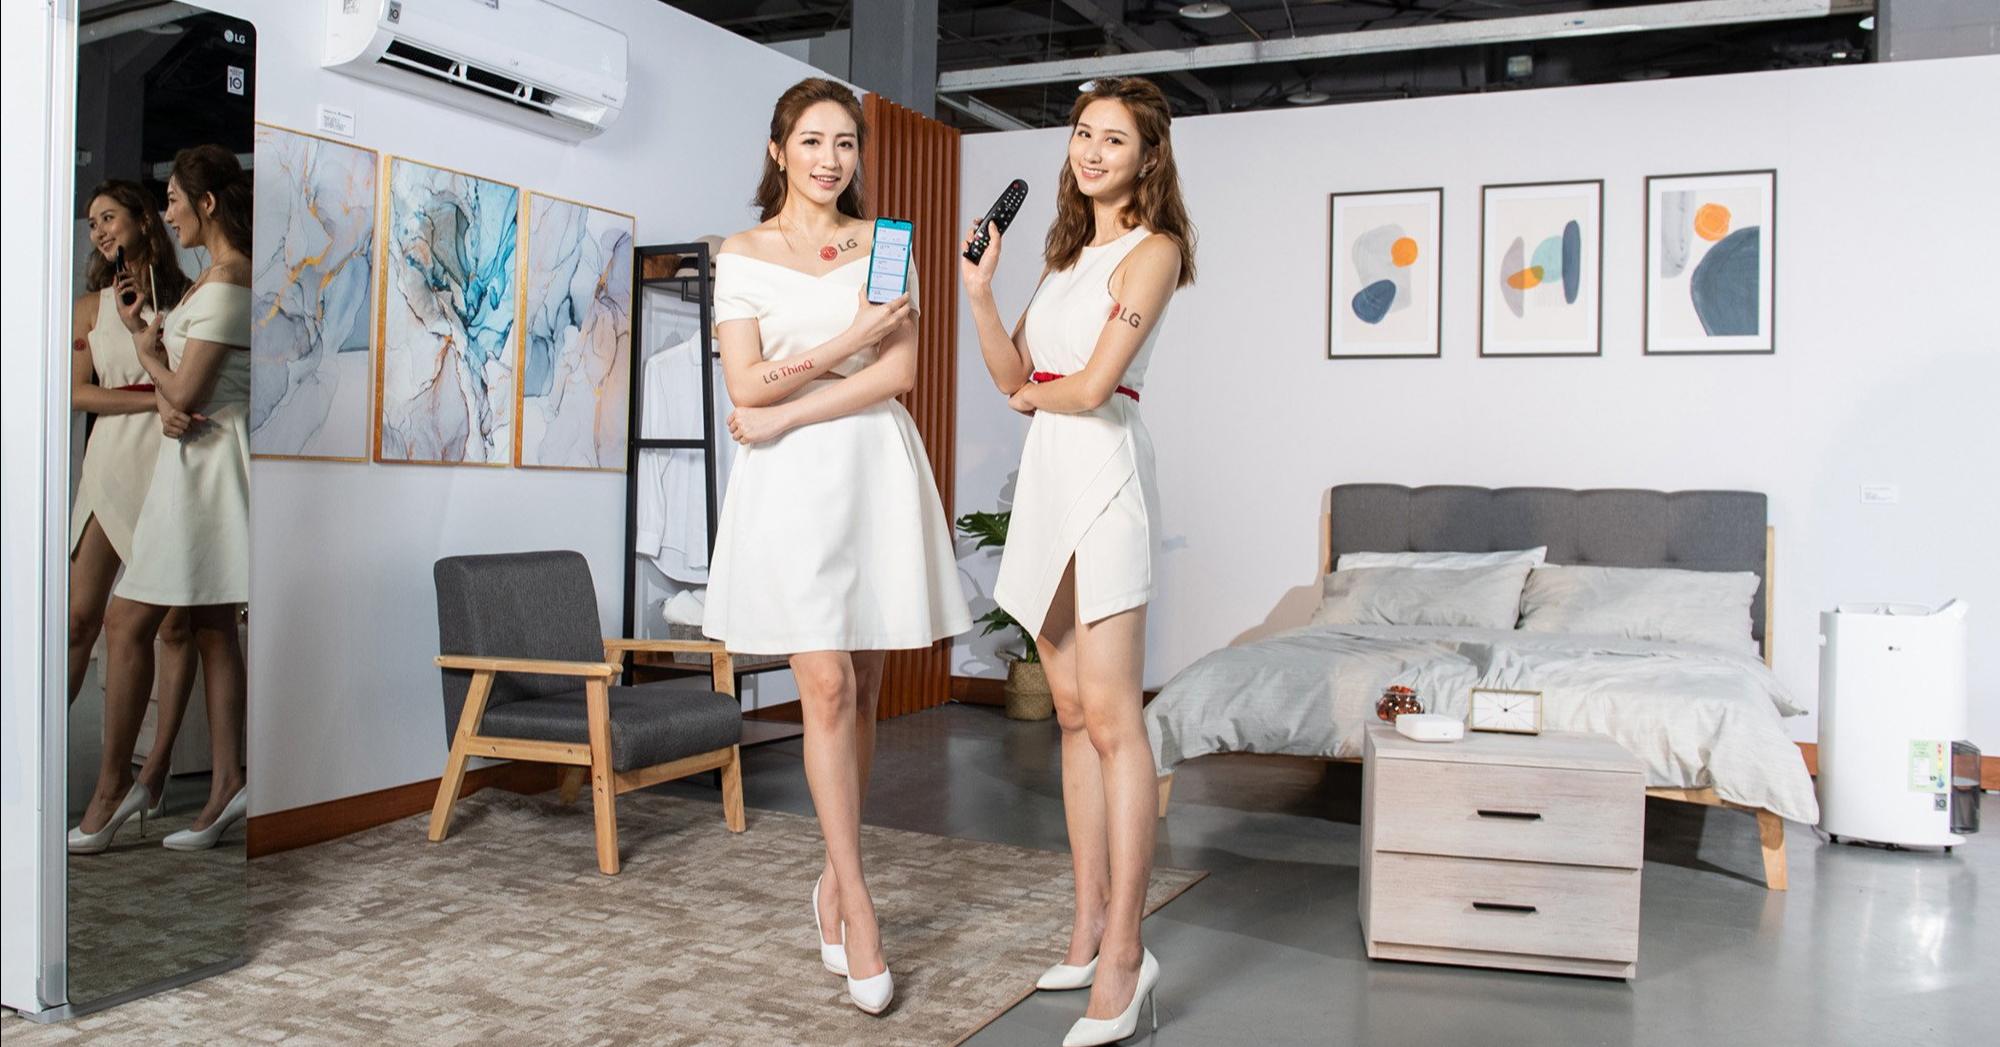 照片中提到了OLG、10、LG,包含了房間、家具類、模型、時尚